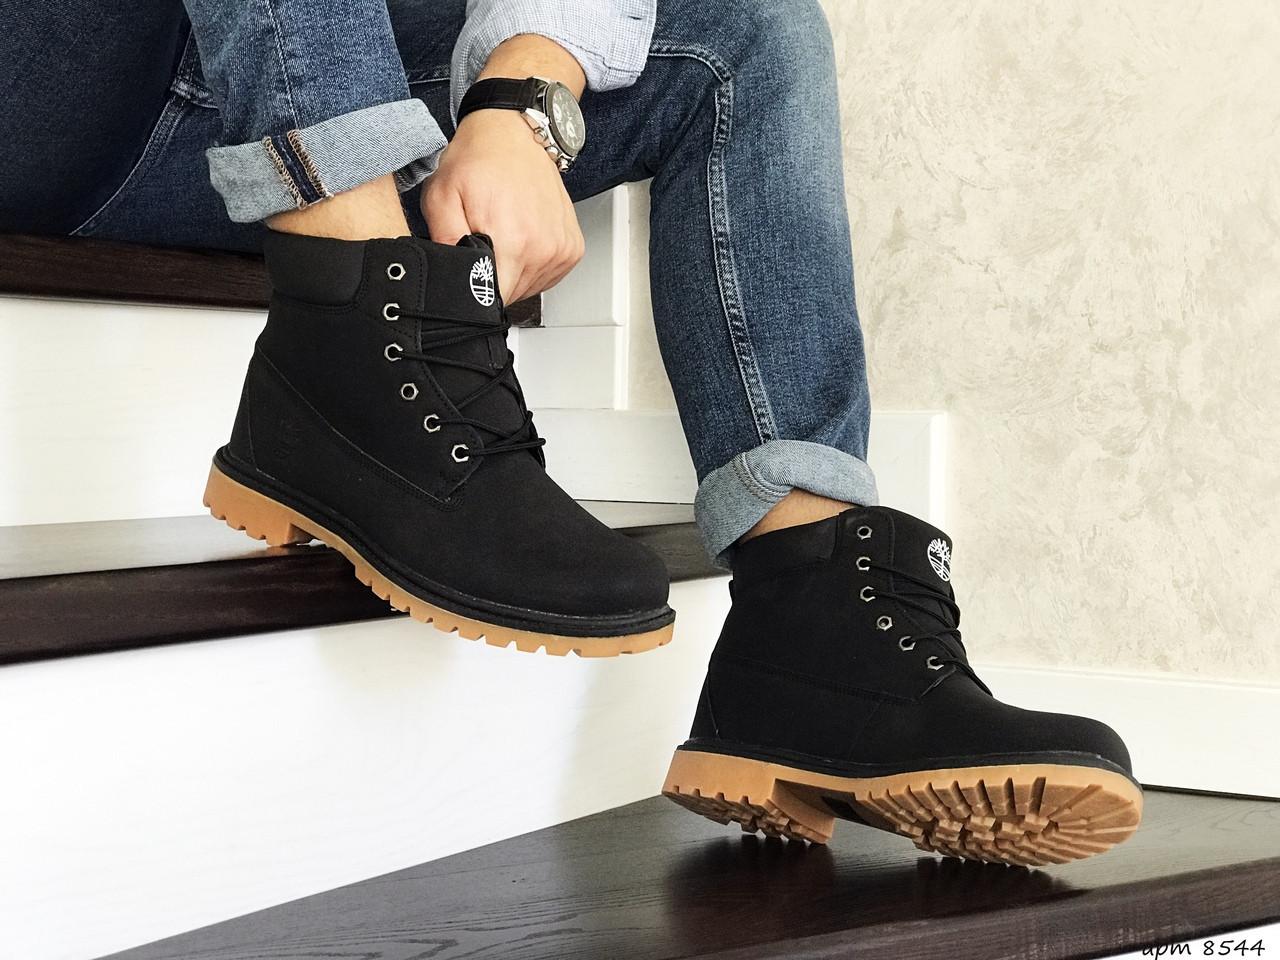 Чоловічі черевики Timberland (чорно-коричневі) ЗИМА